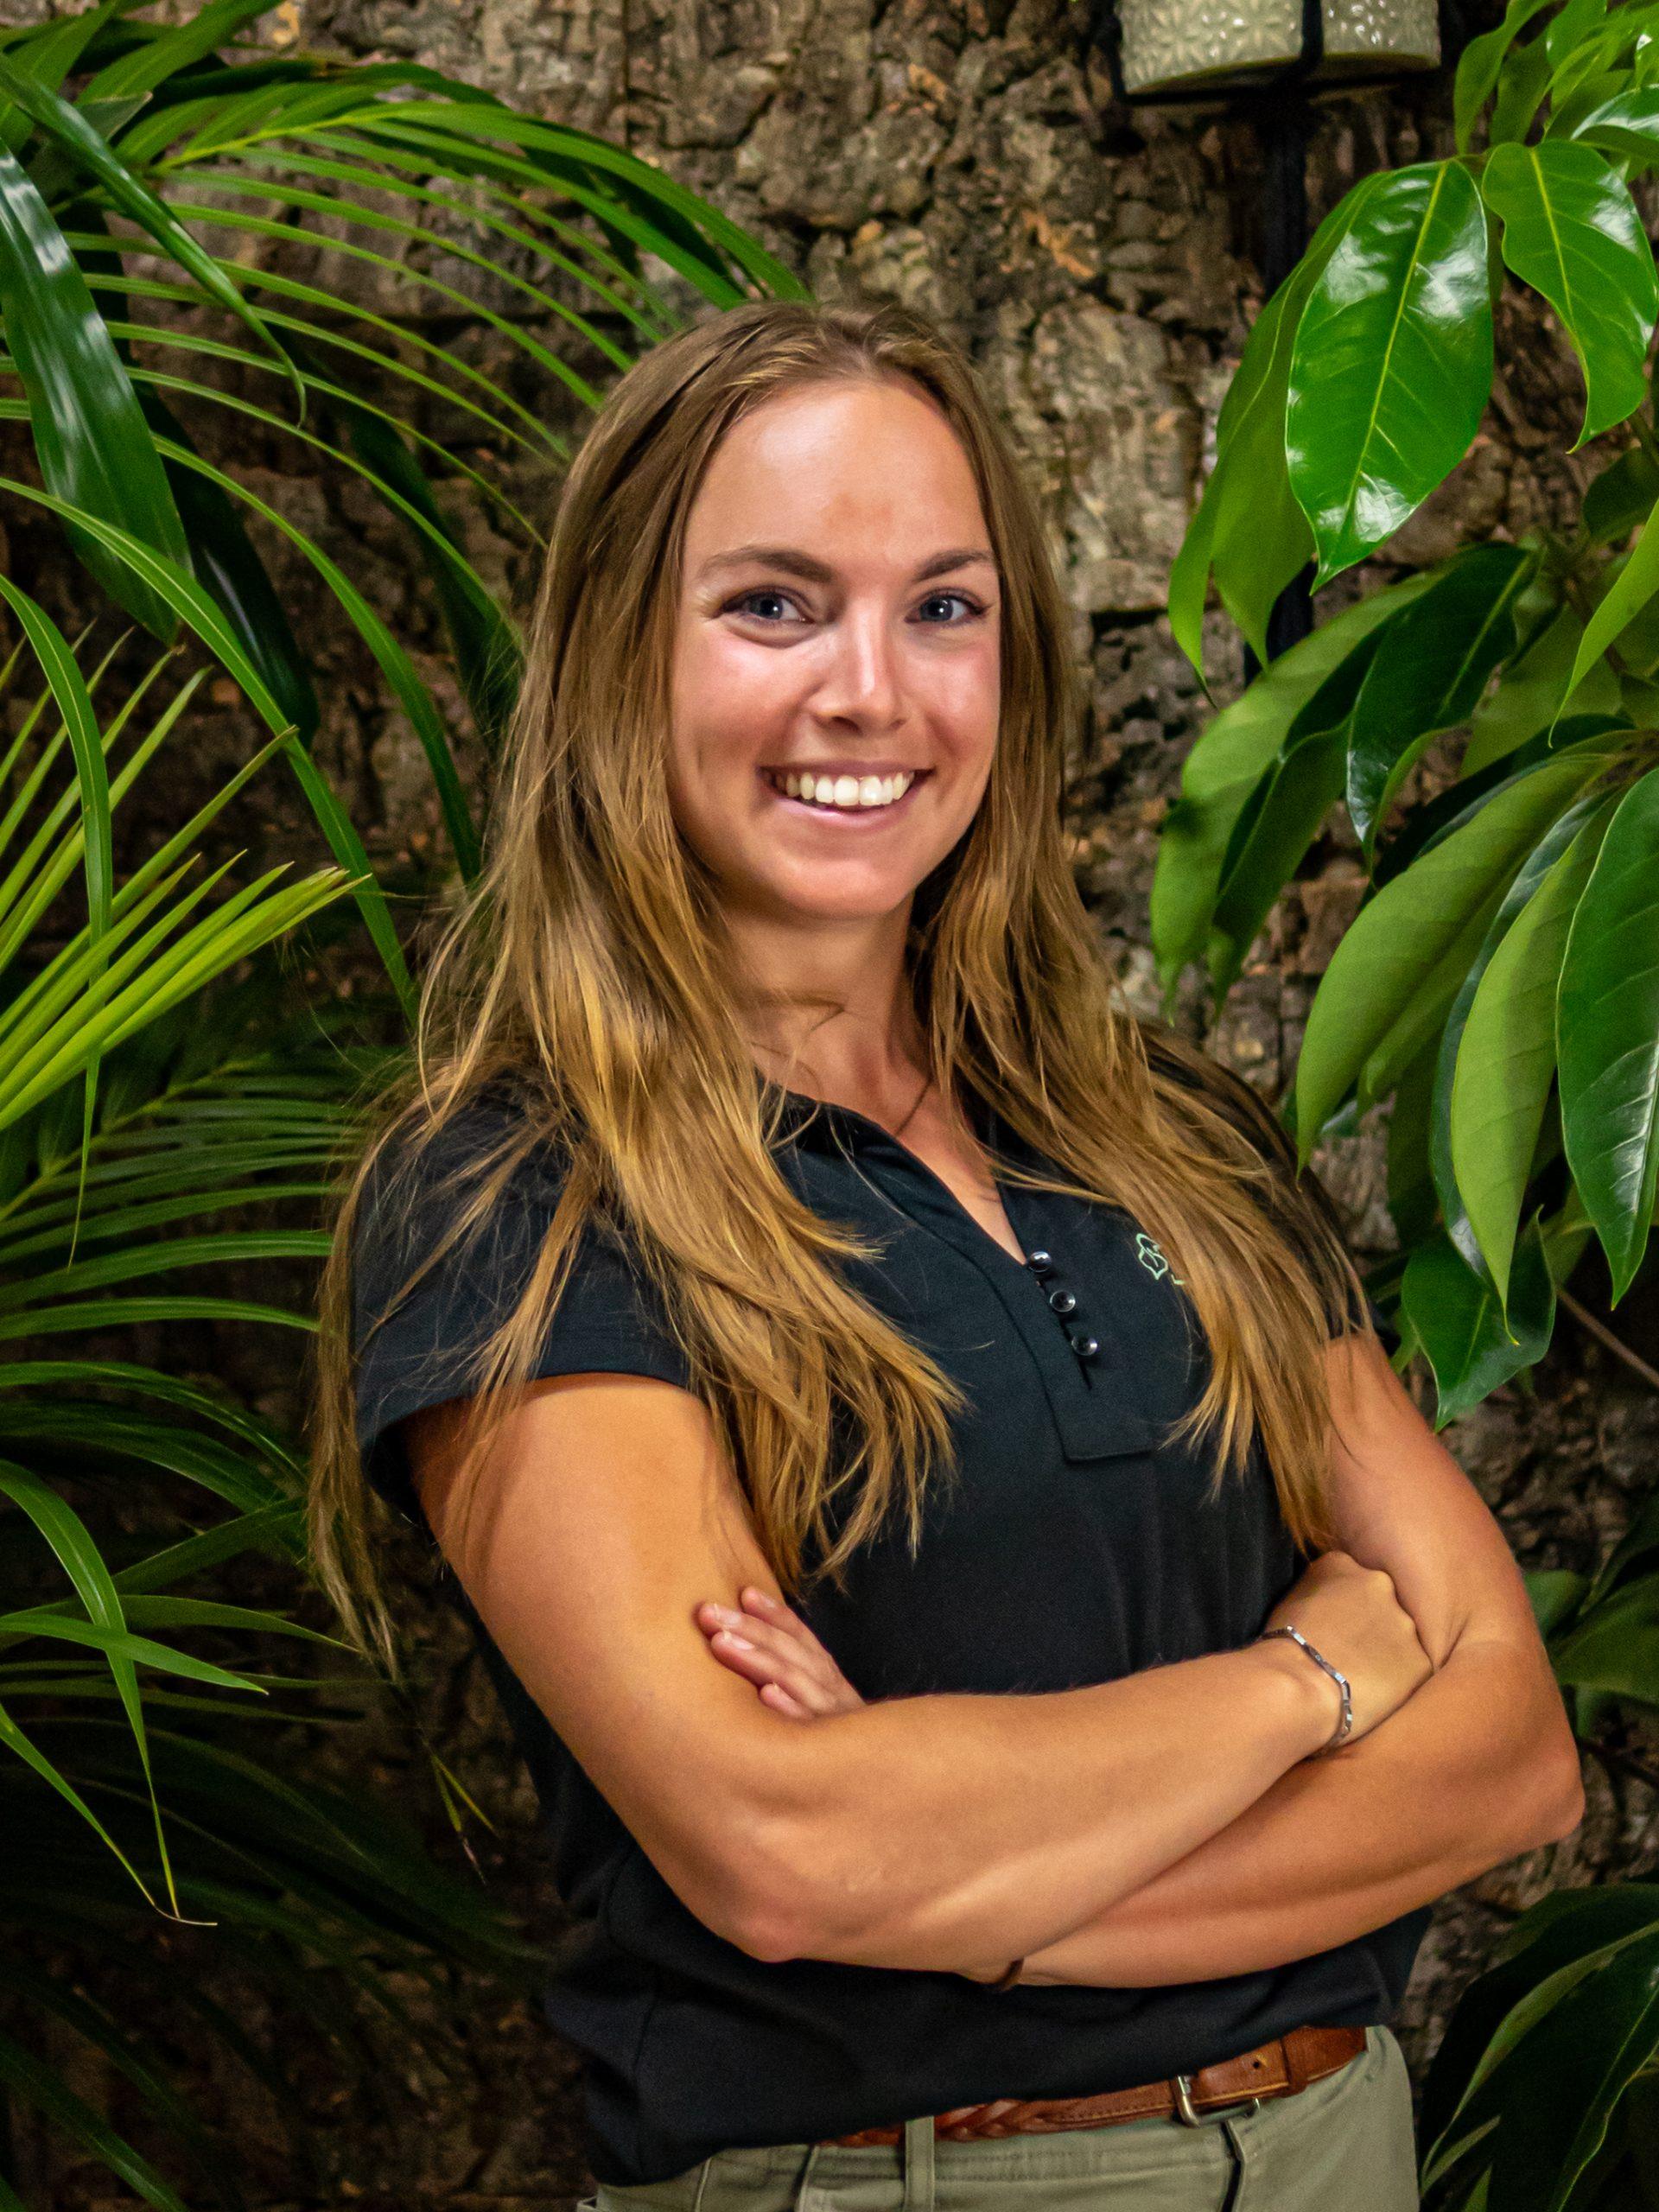 Chloe DuBois